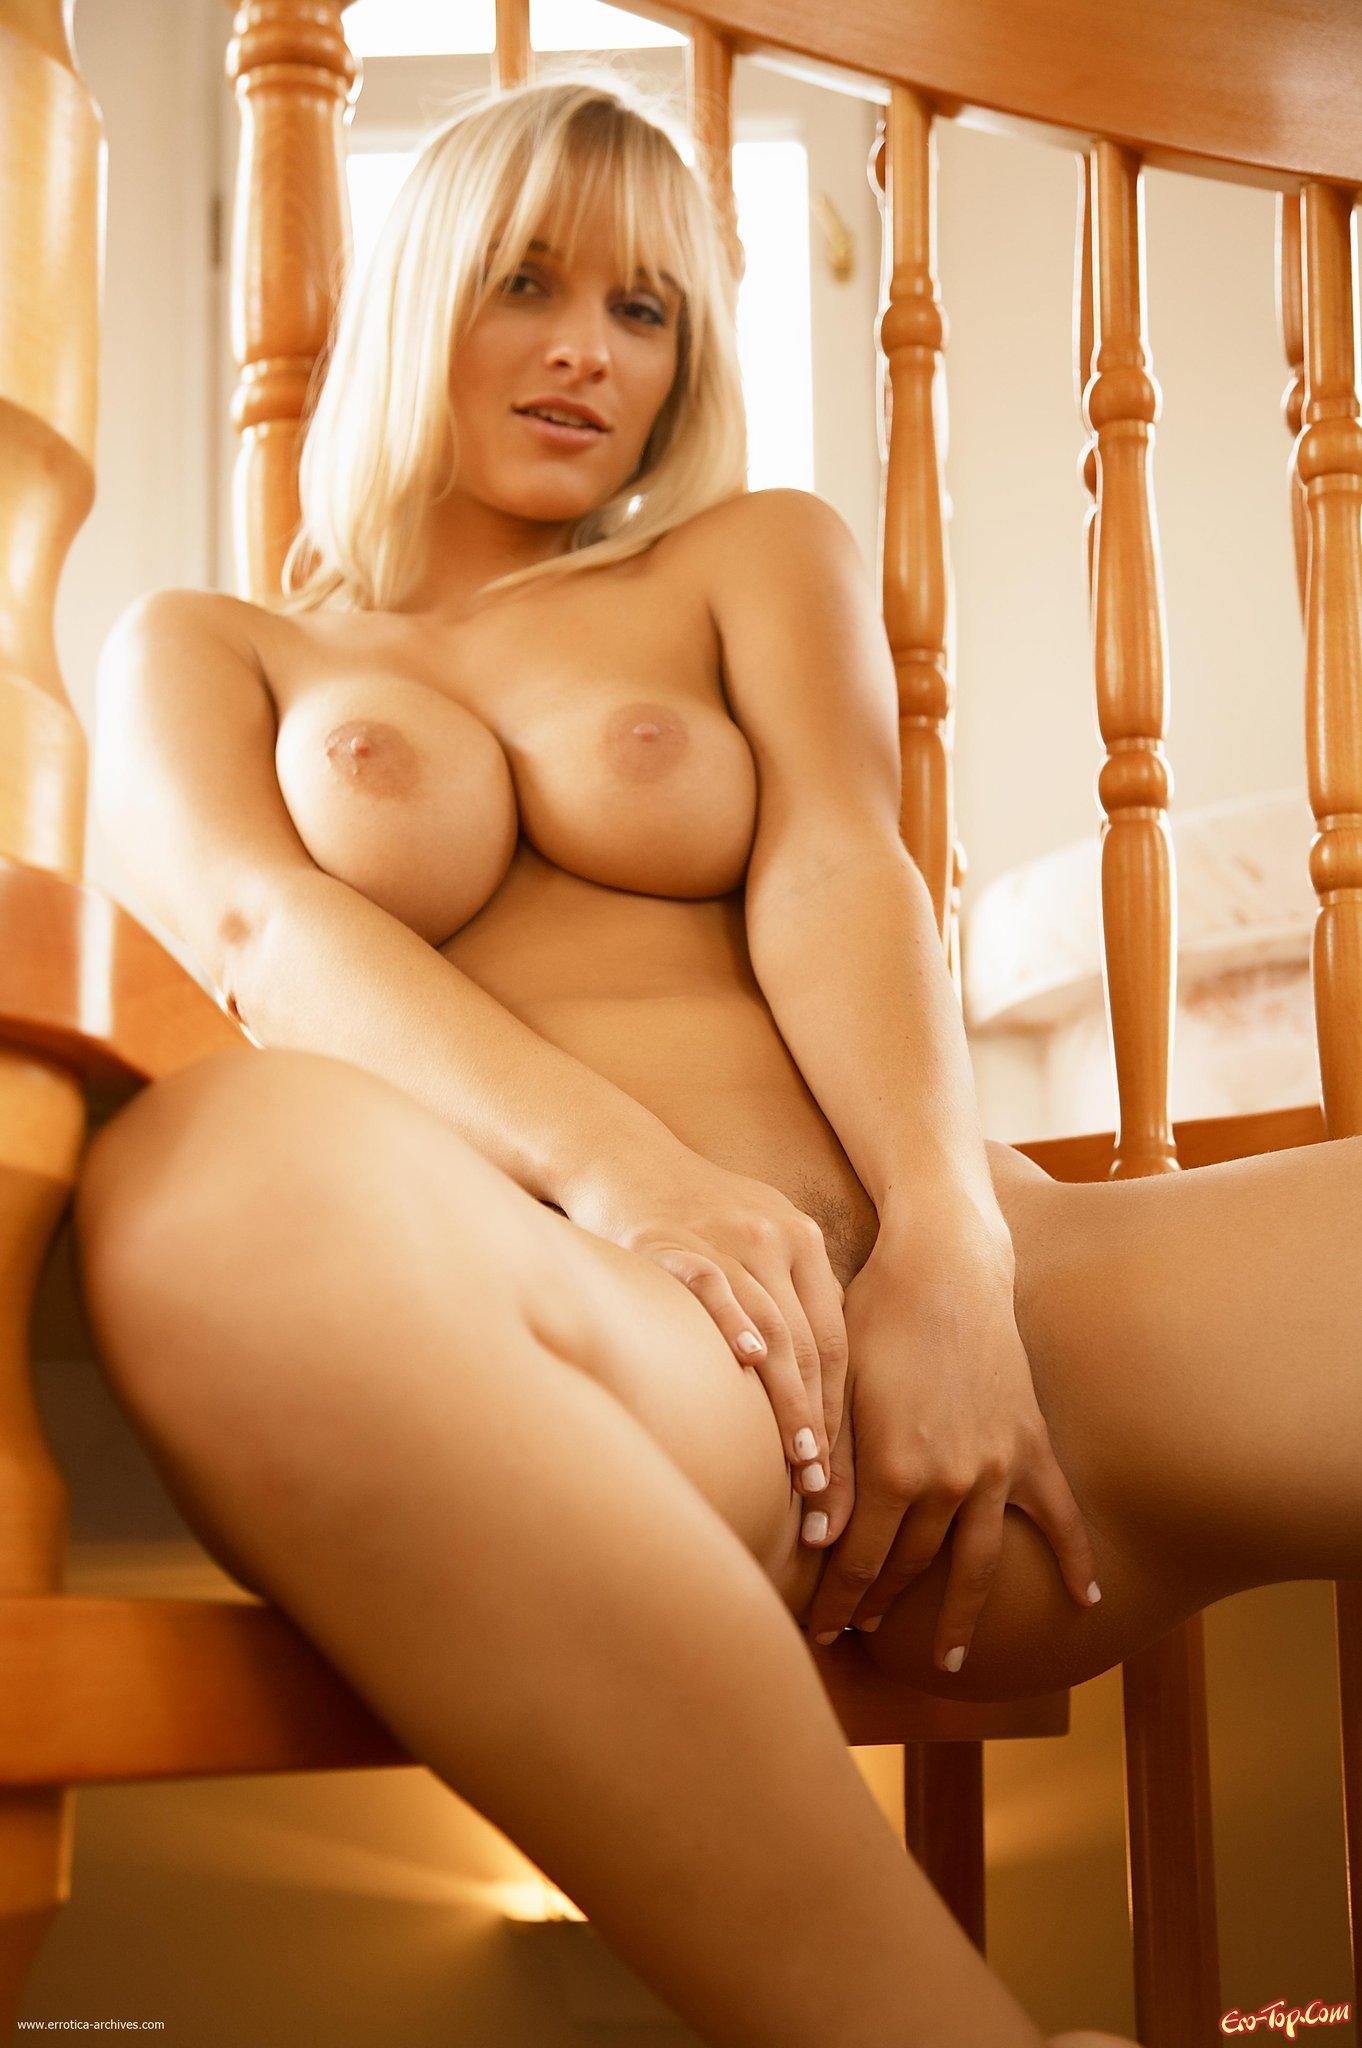 Блондинка на ступенях